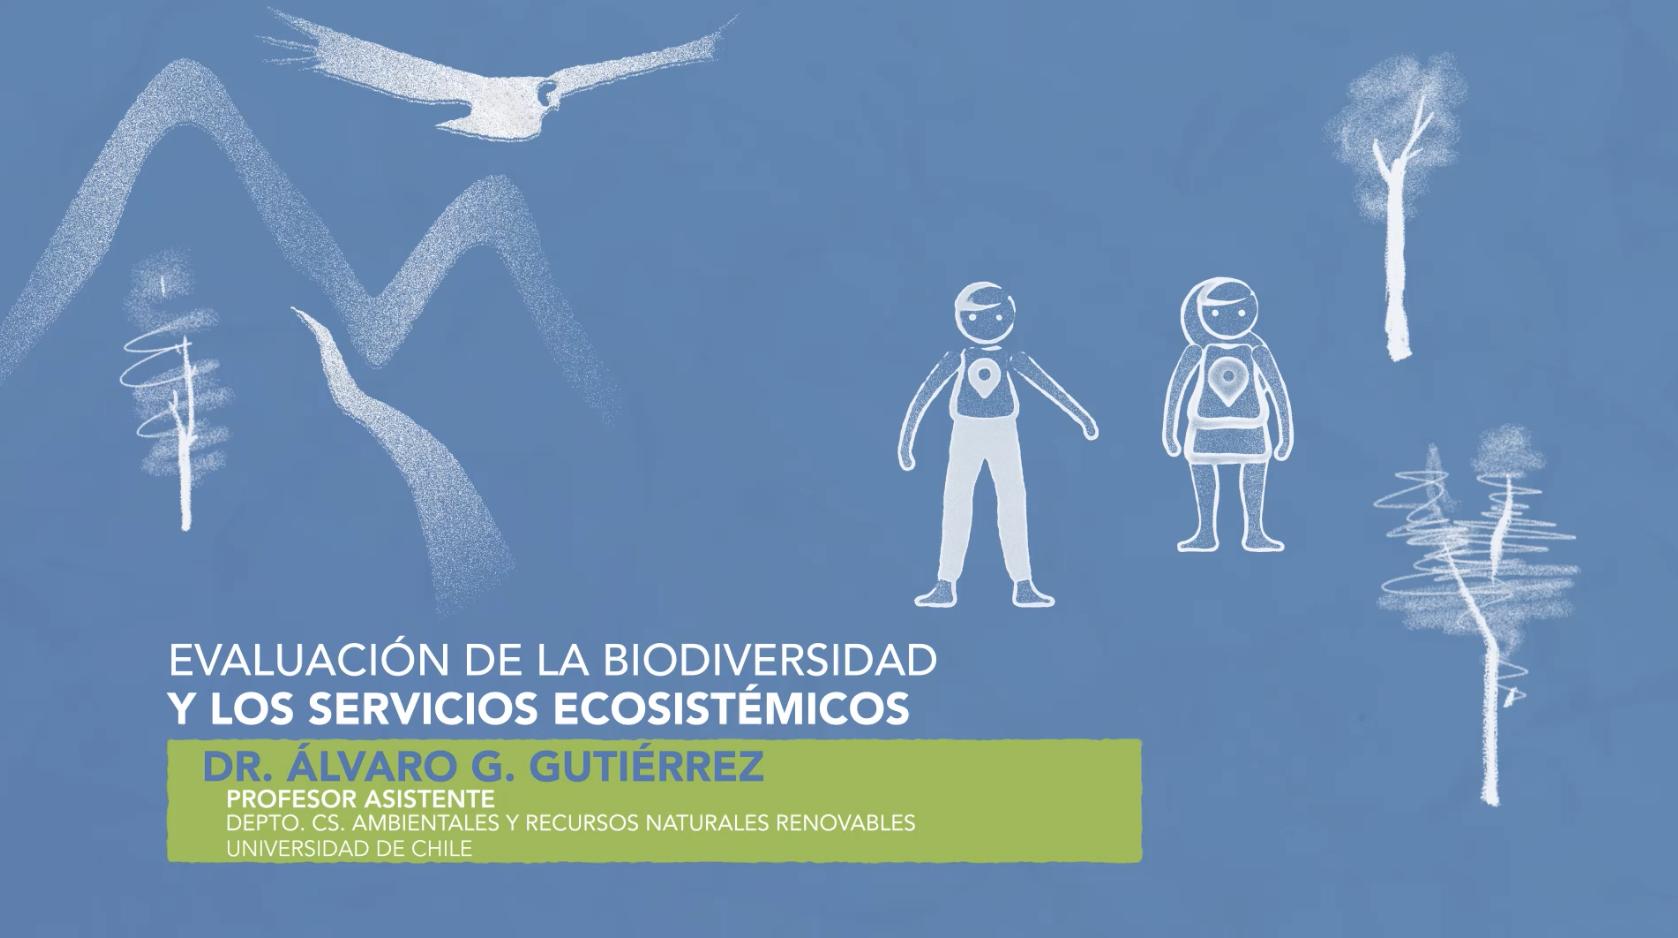 Evaluación de la biodiversidad y los servicios ecosistémicos – Álvaro Gutiérrez